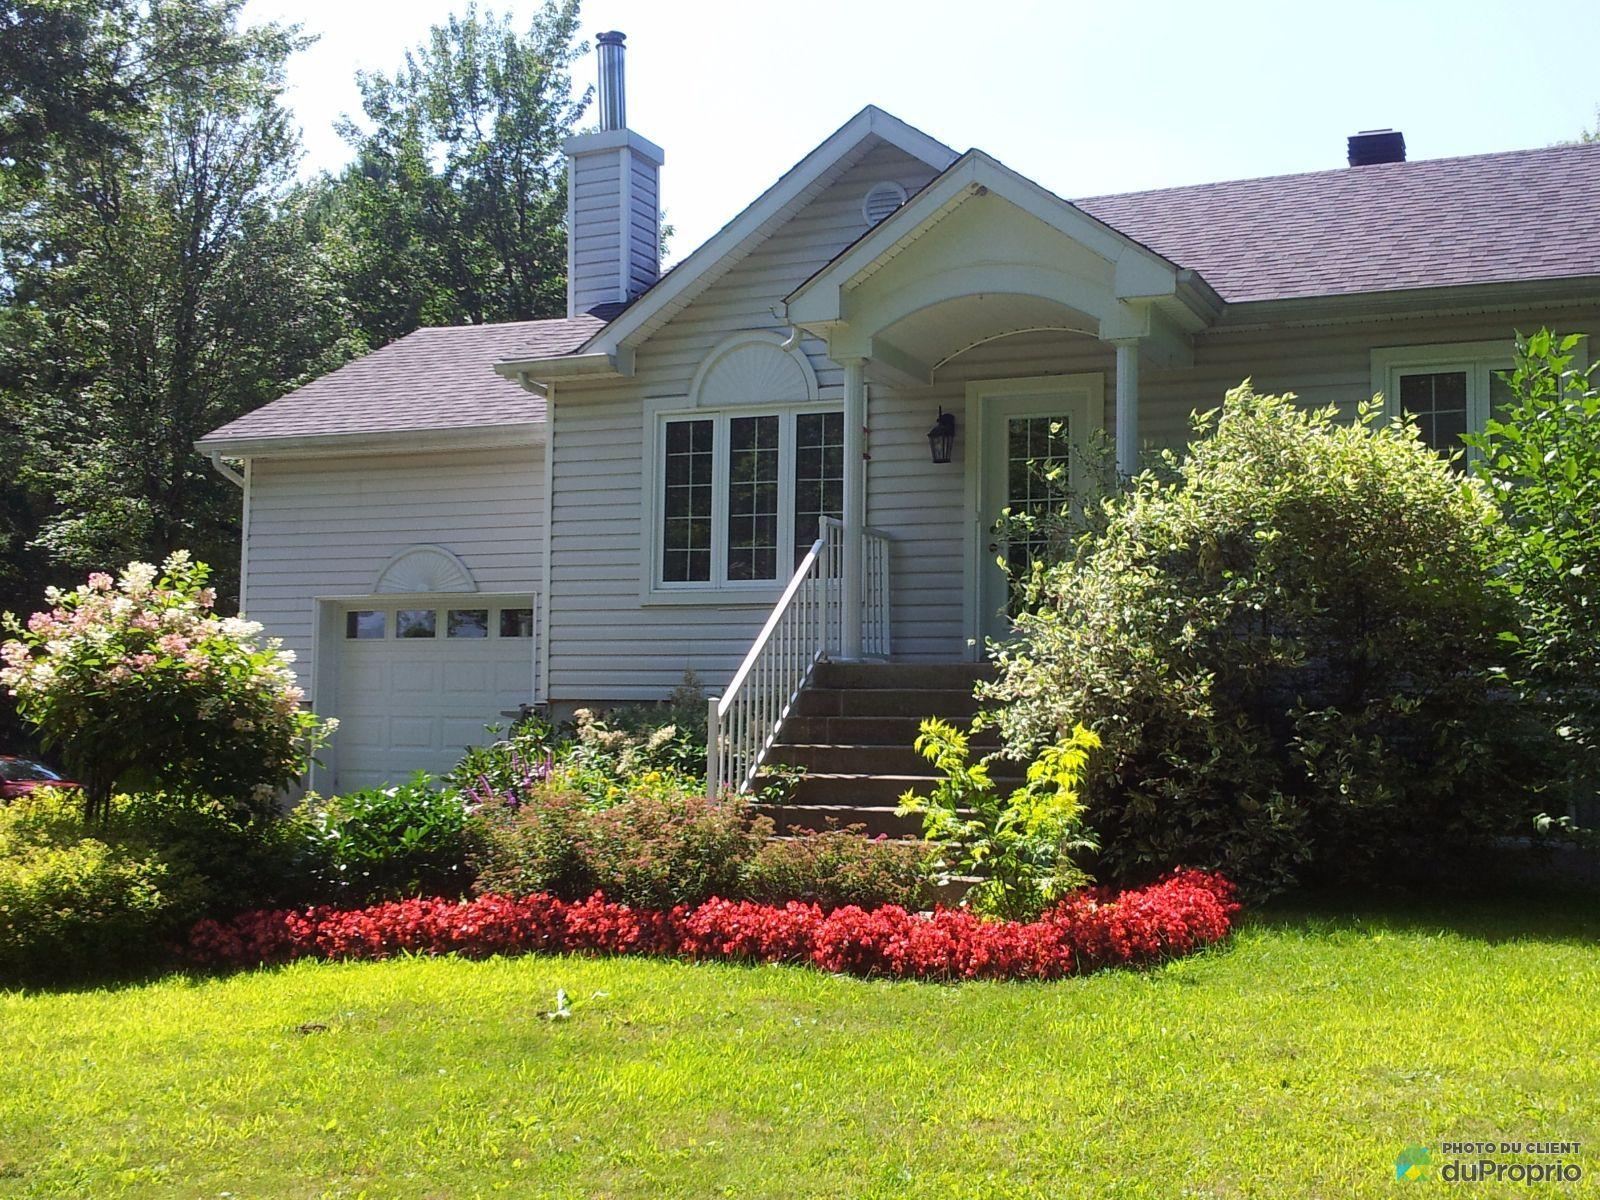 Maison vendu StColomban, immobilier Québec  DuProprio